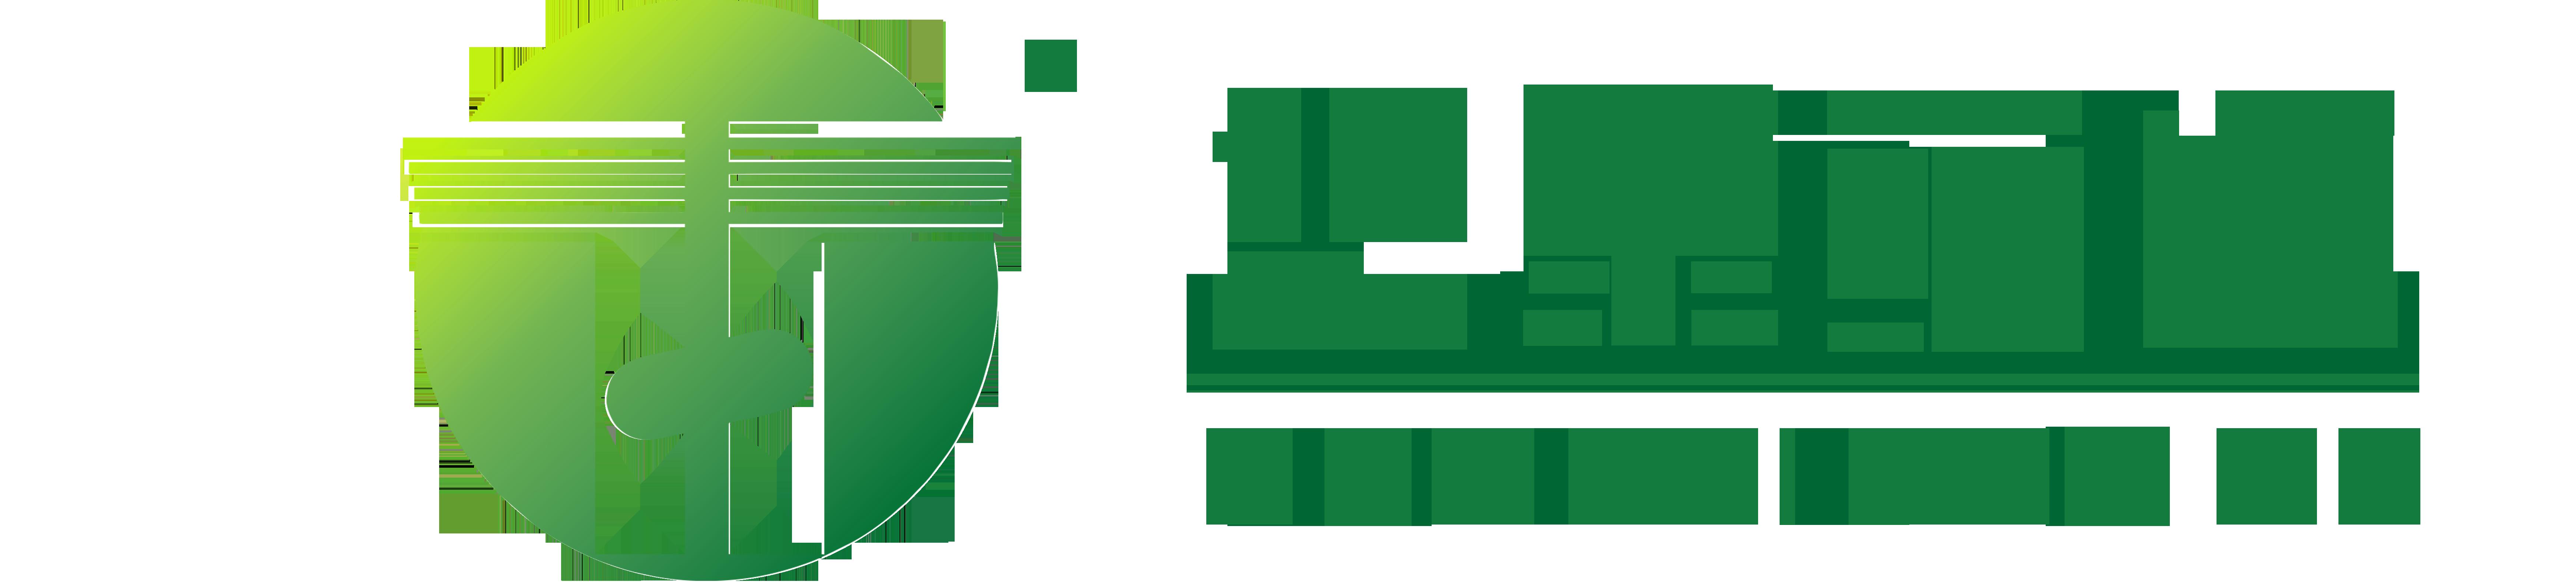 華泰藥業LOGO綠色